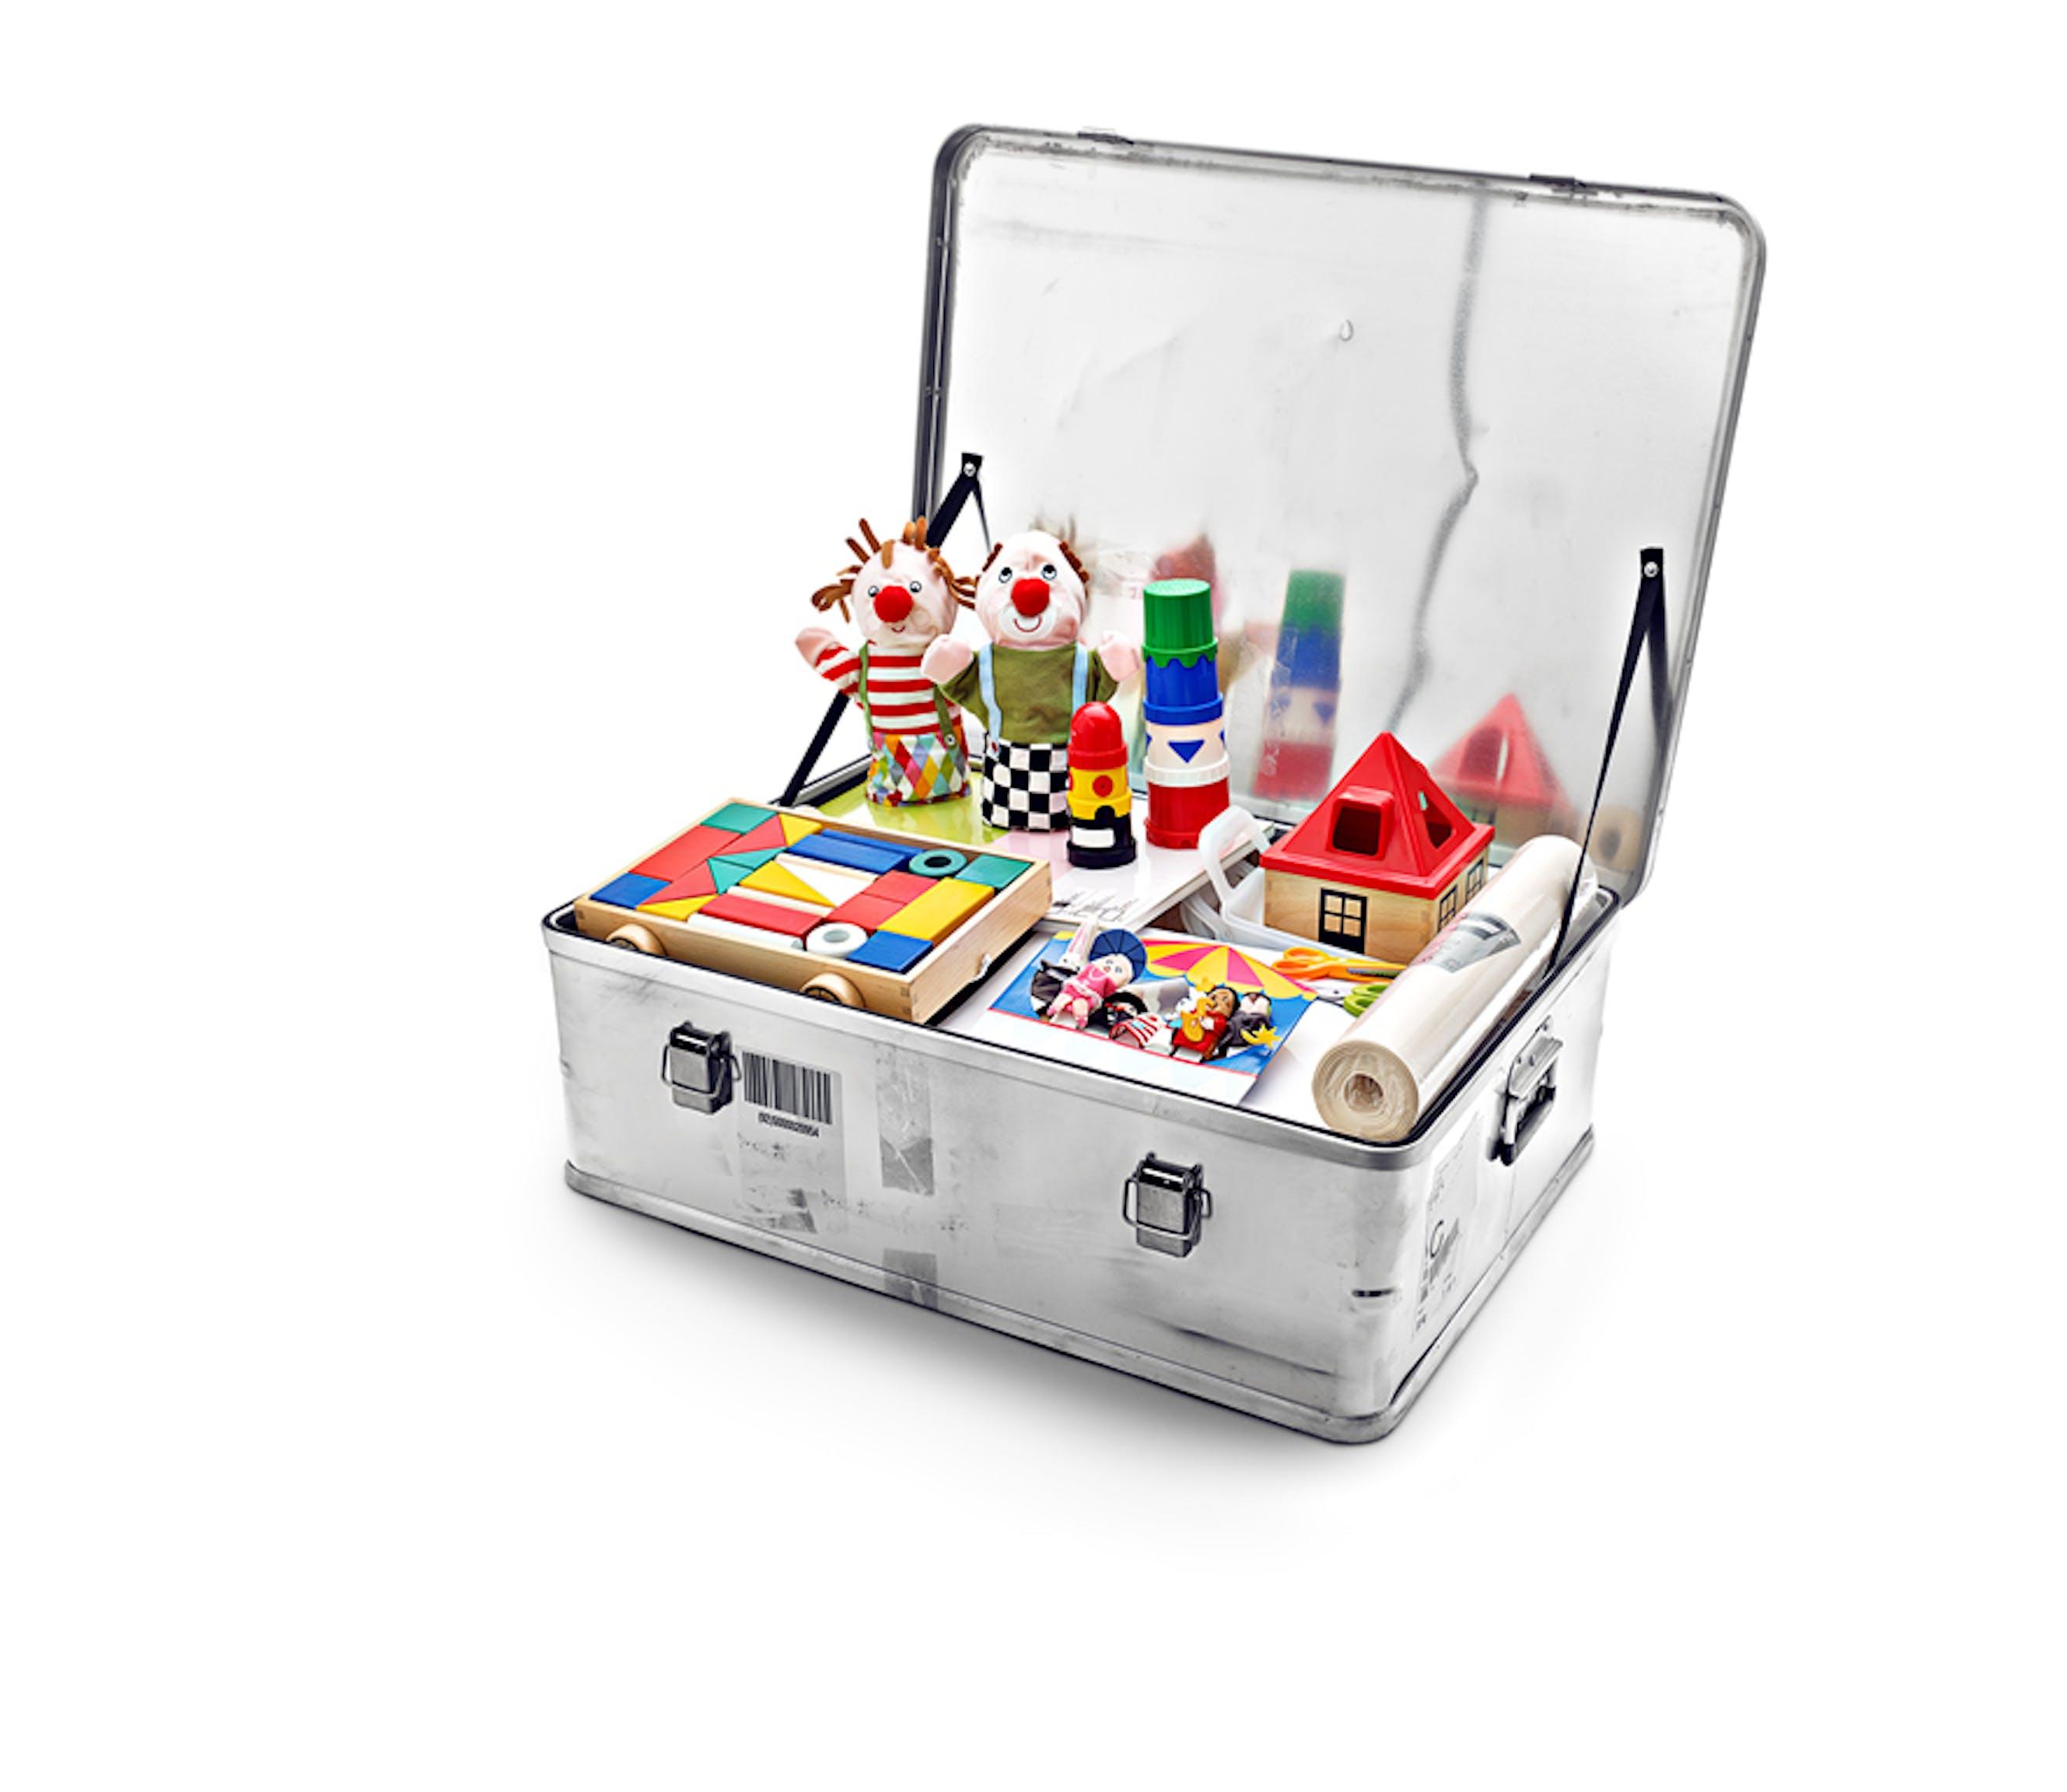 """Kit IKEA-UNICEF """"Programma di Sviluppo della Prima Infanzia"""""""